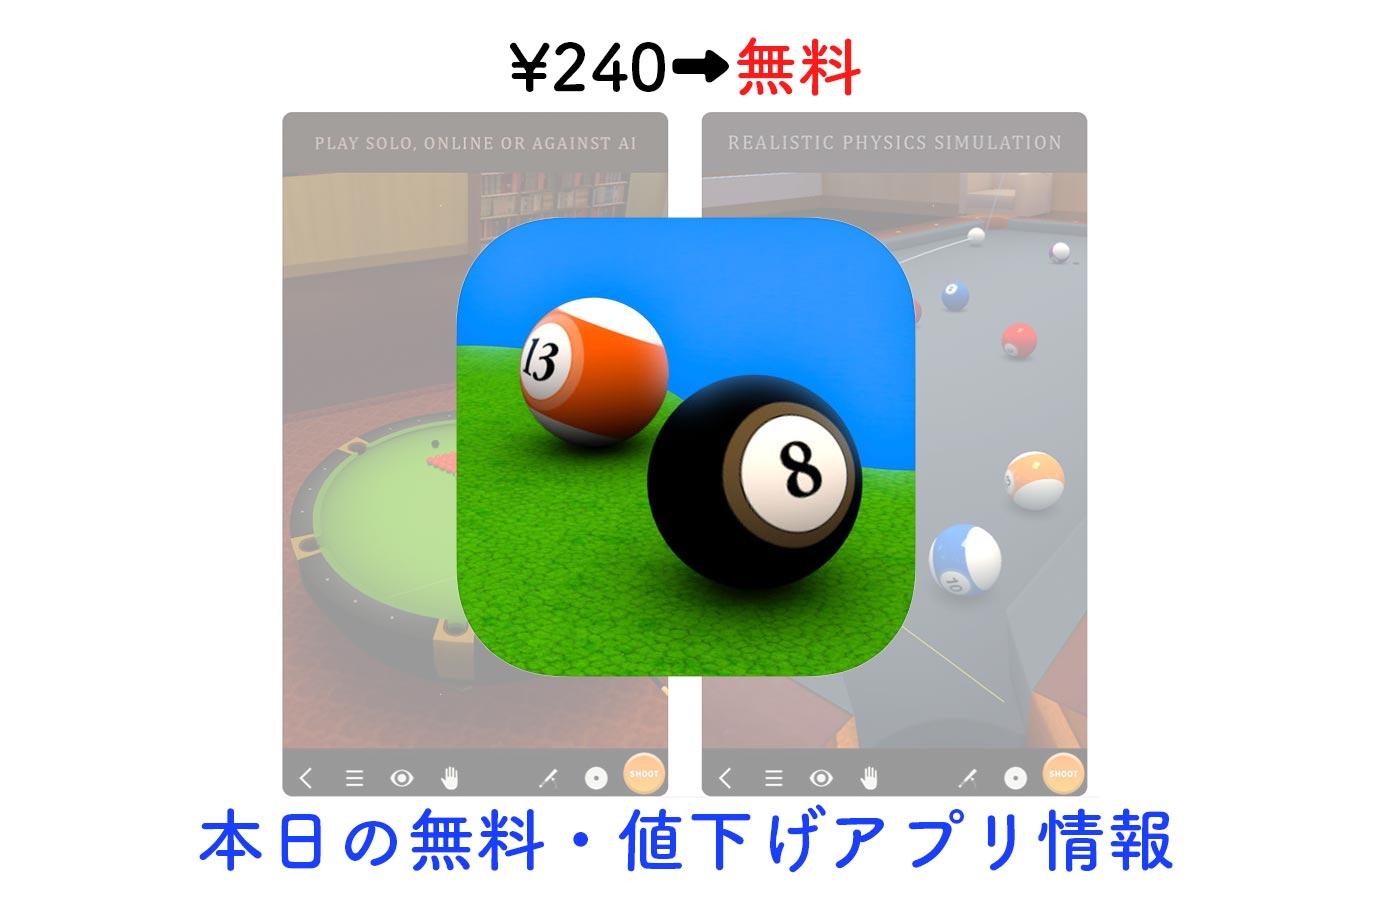 240円→無料、リアル3Dビリヤード「Pool Break」など【4/18】セールアプリ情報